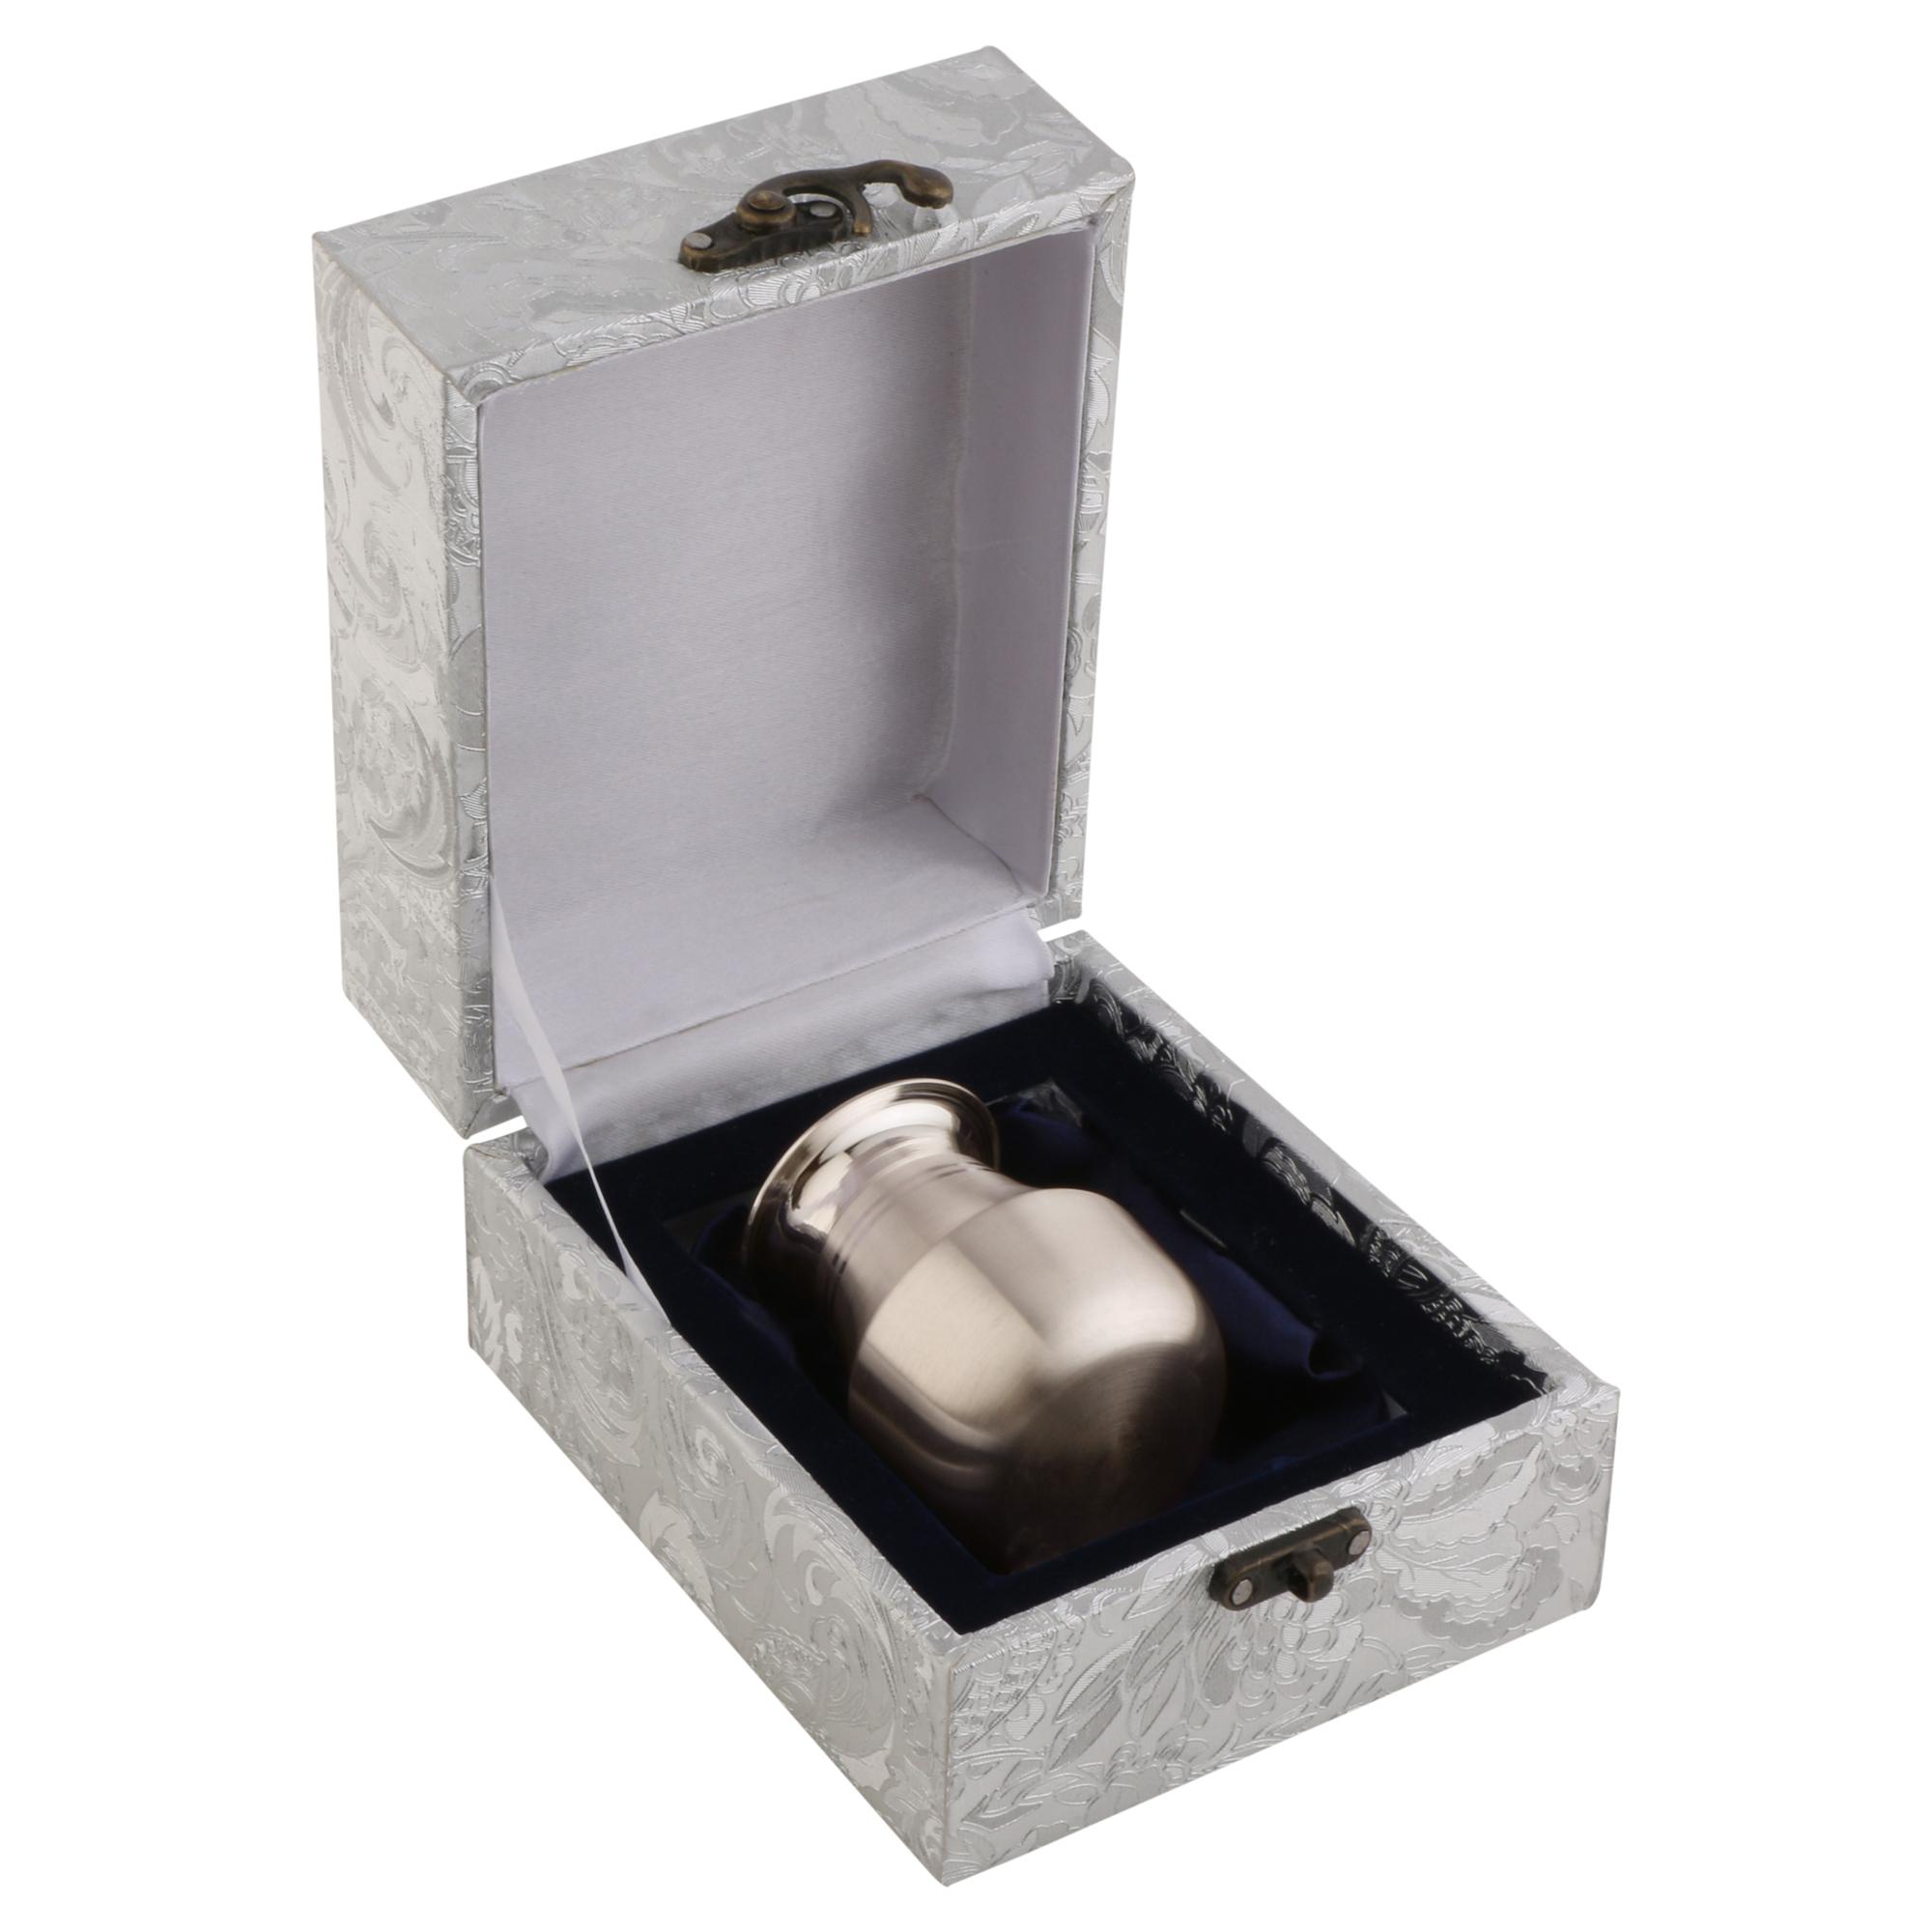 Kalash Long in Silver by Osasbazaar Packaging